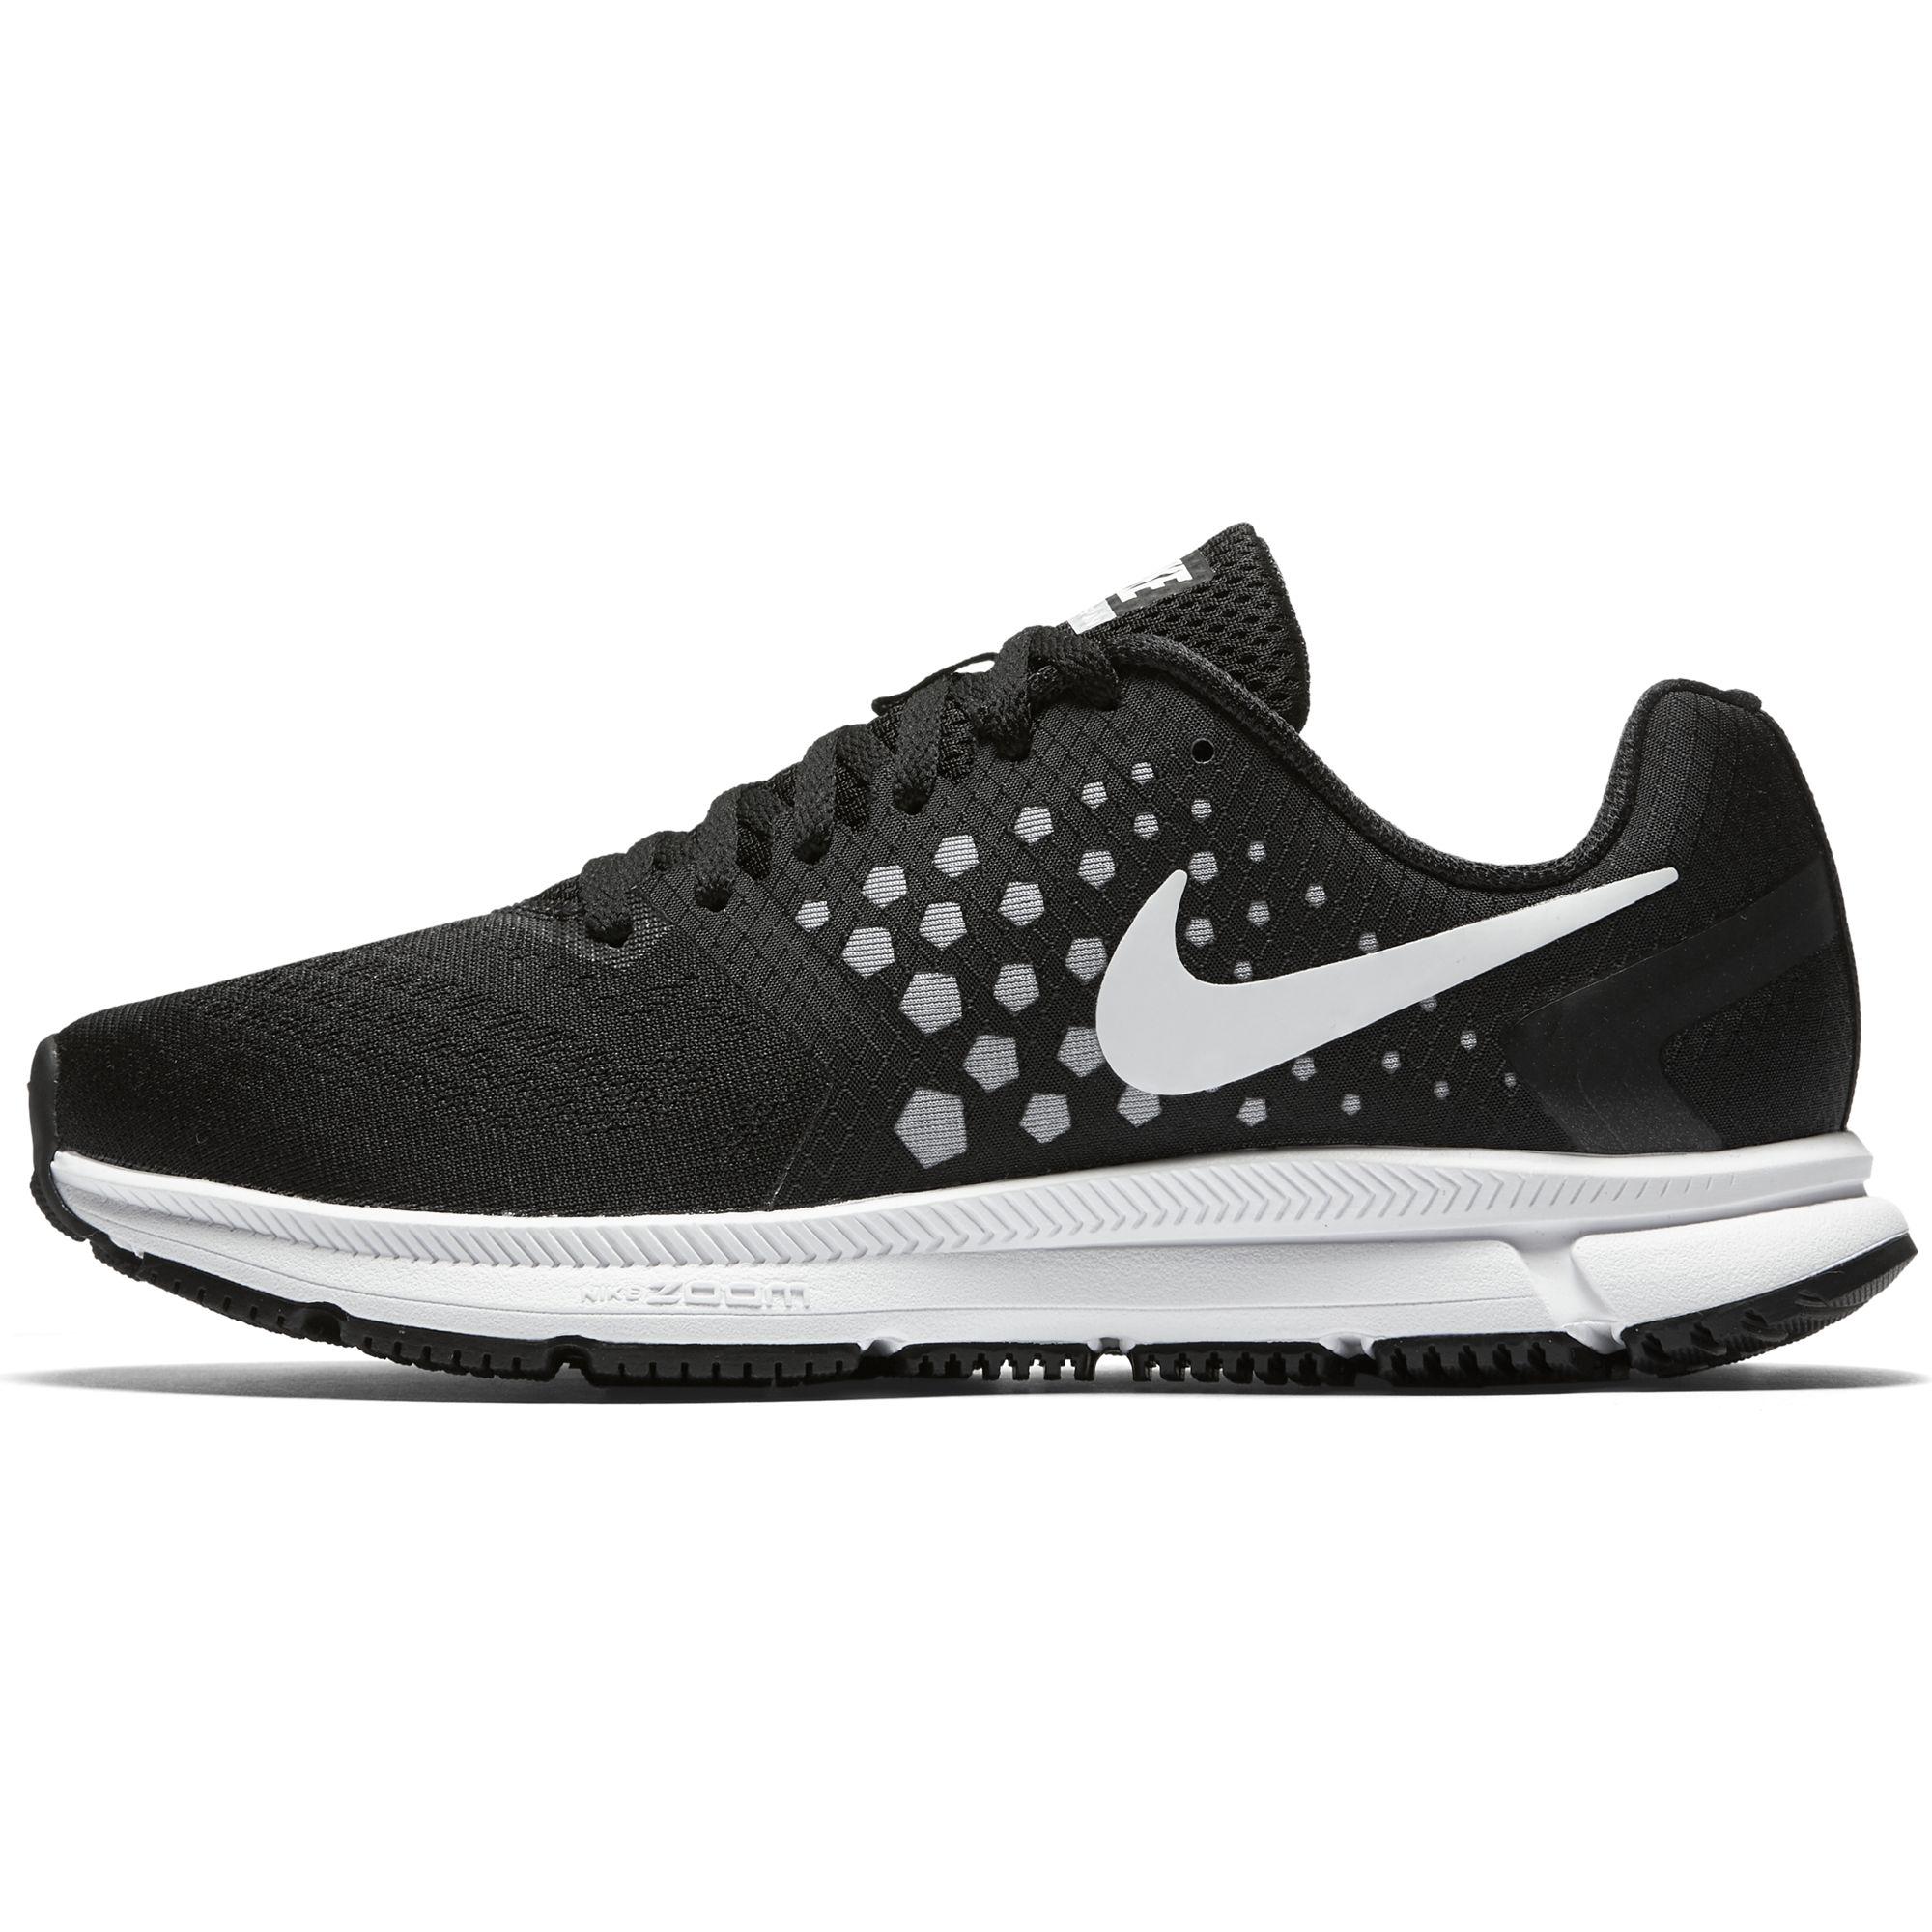 71e2efe75 buty Nike Zoom Span Wmns 852450 003 || timsport.pl - Darmowa Dostawa